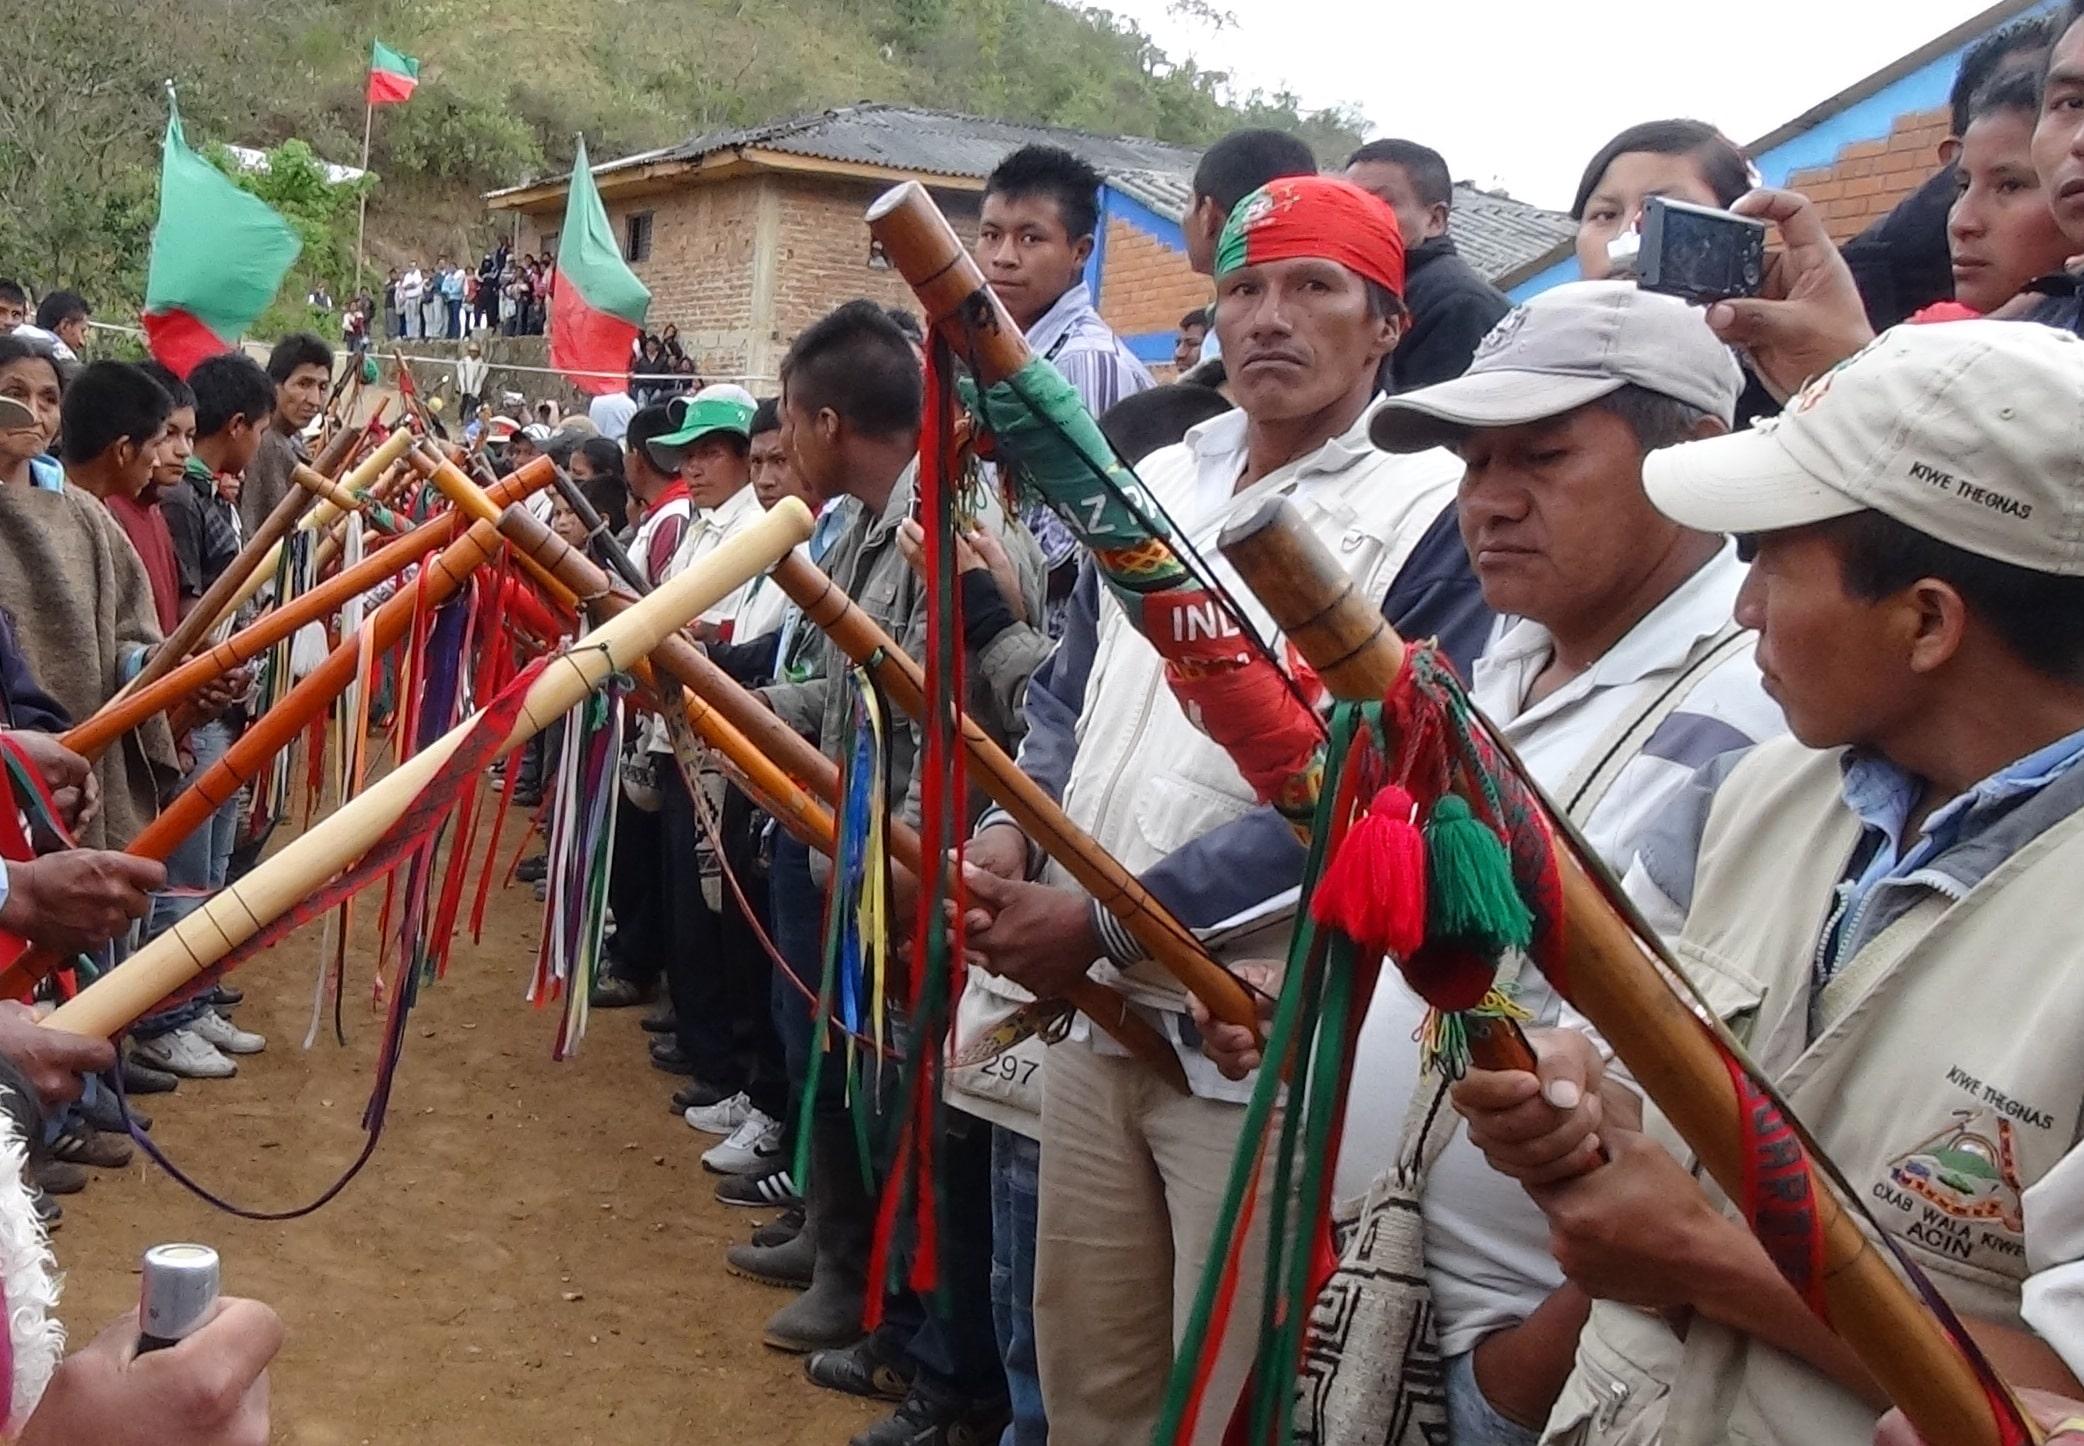 Asesinan a comunero nasa tras publicación de panfleto amenazante en Cauca